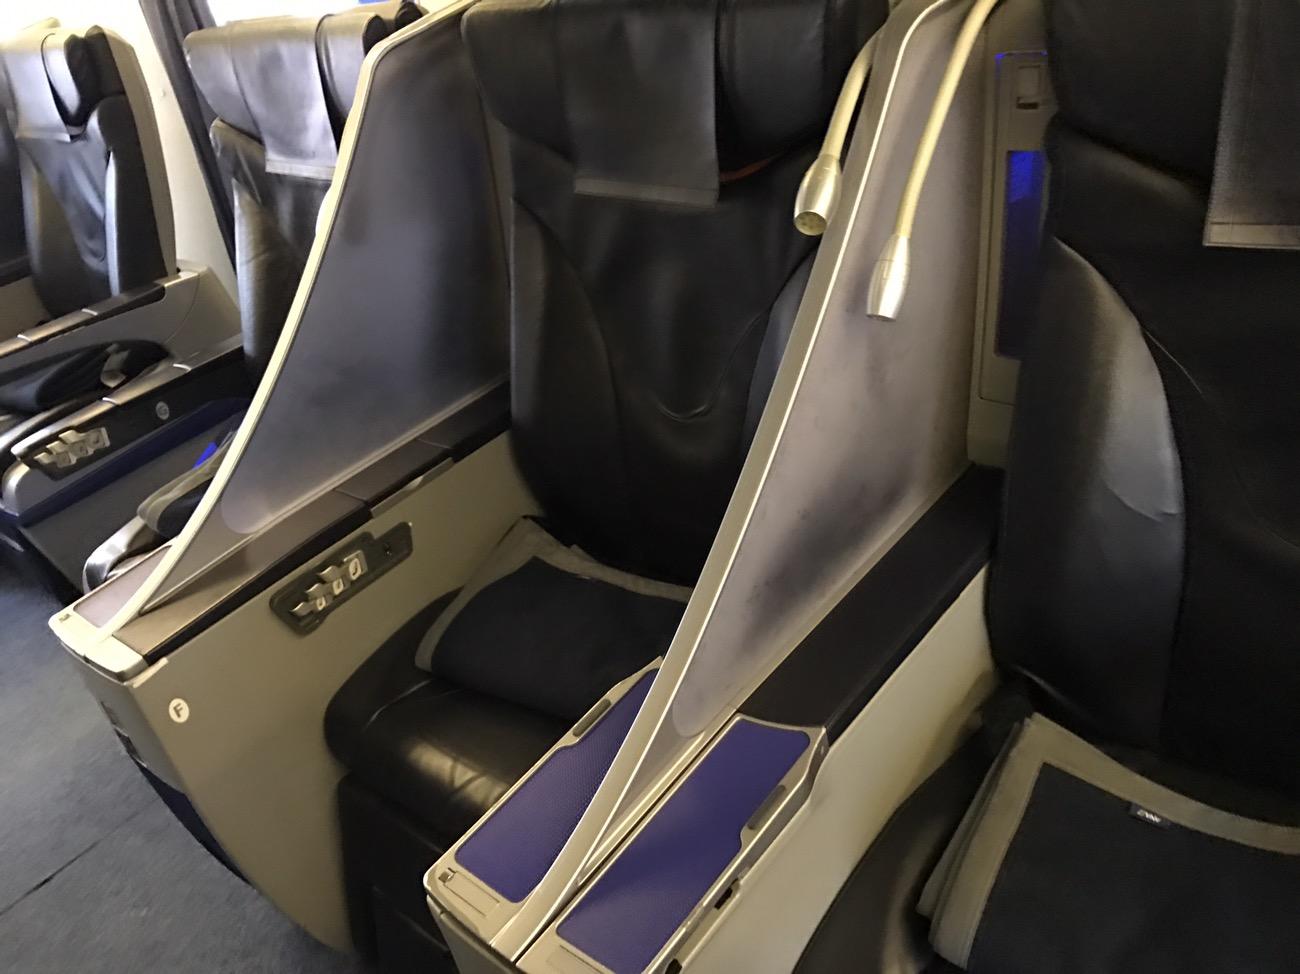 ANAプレミムエコノミー搭乗記 ANAプレミムシート座席